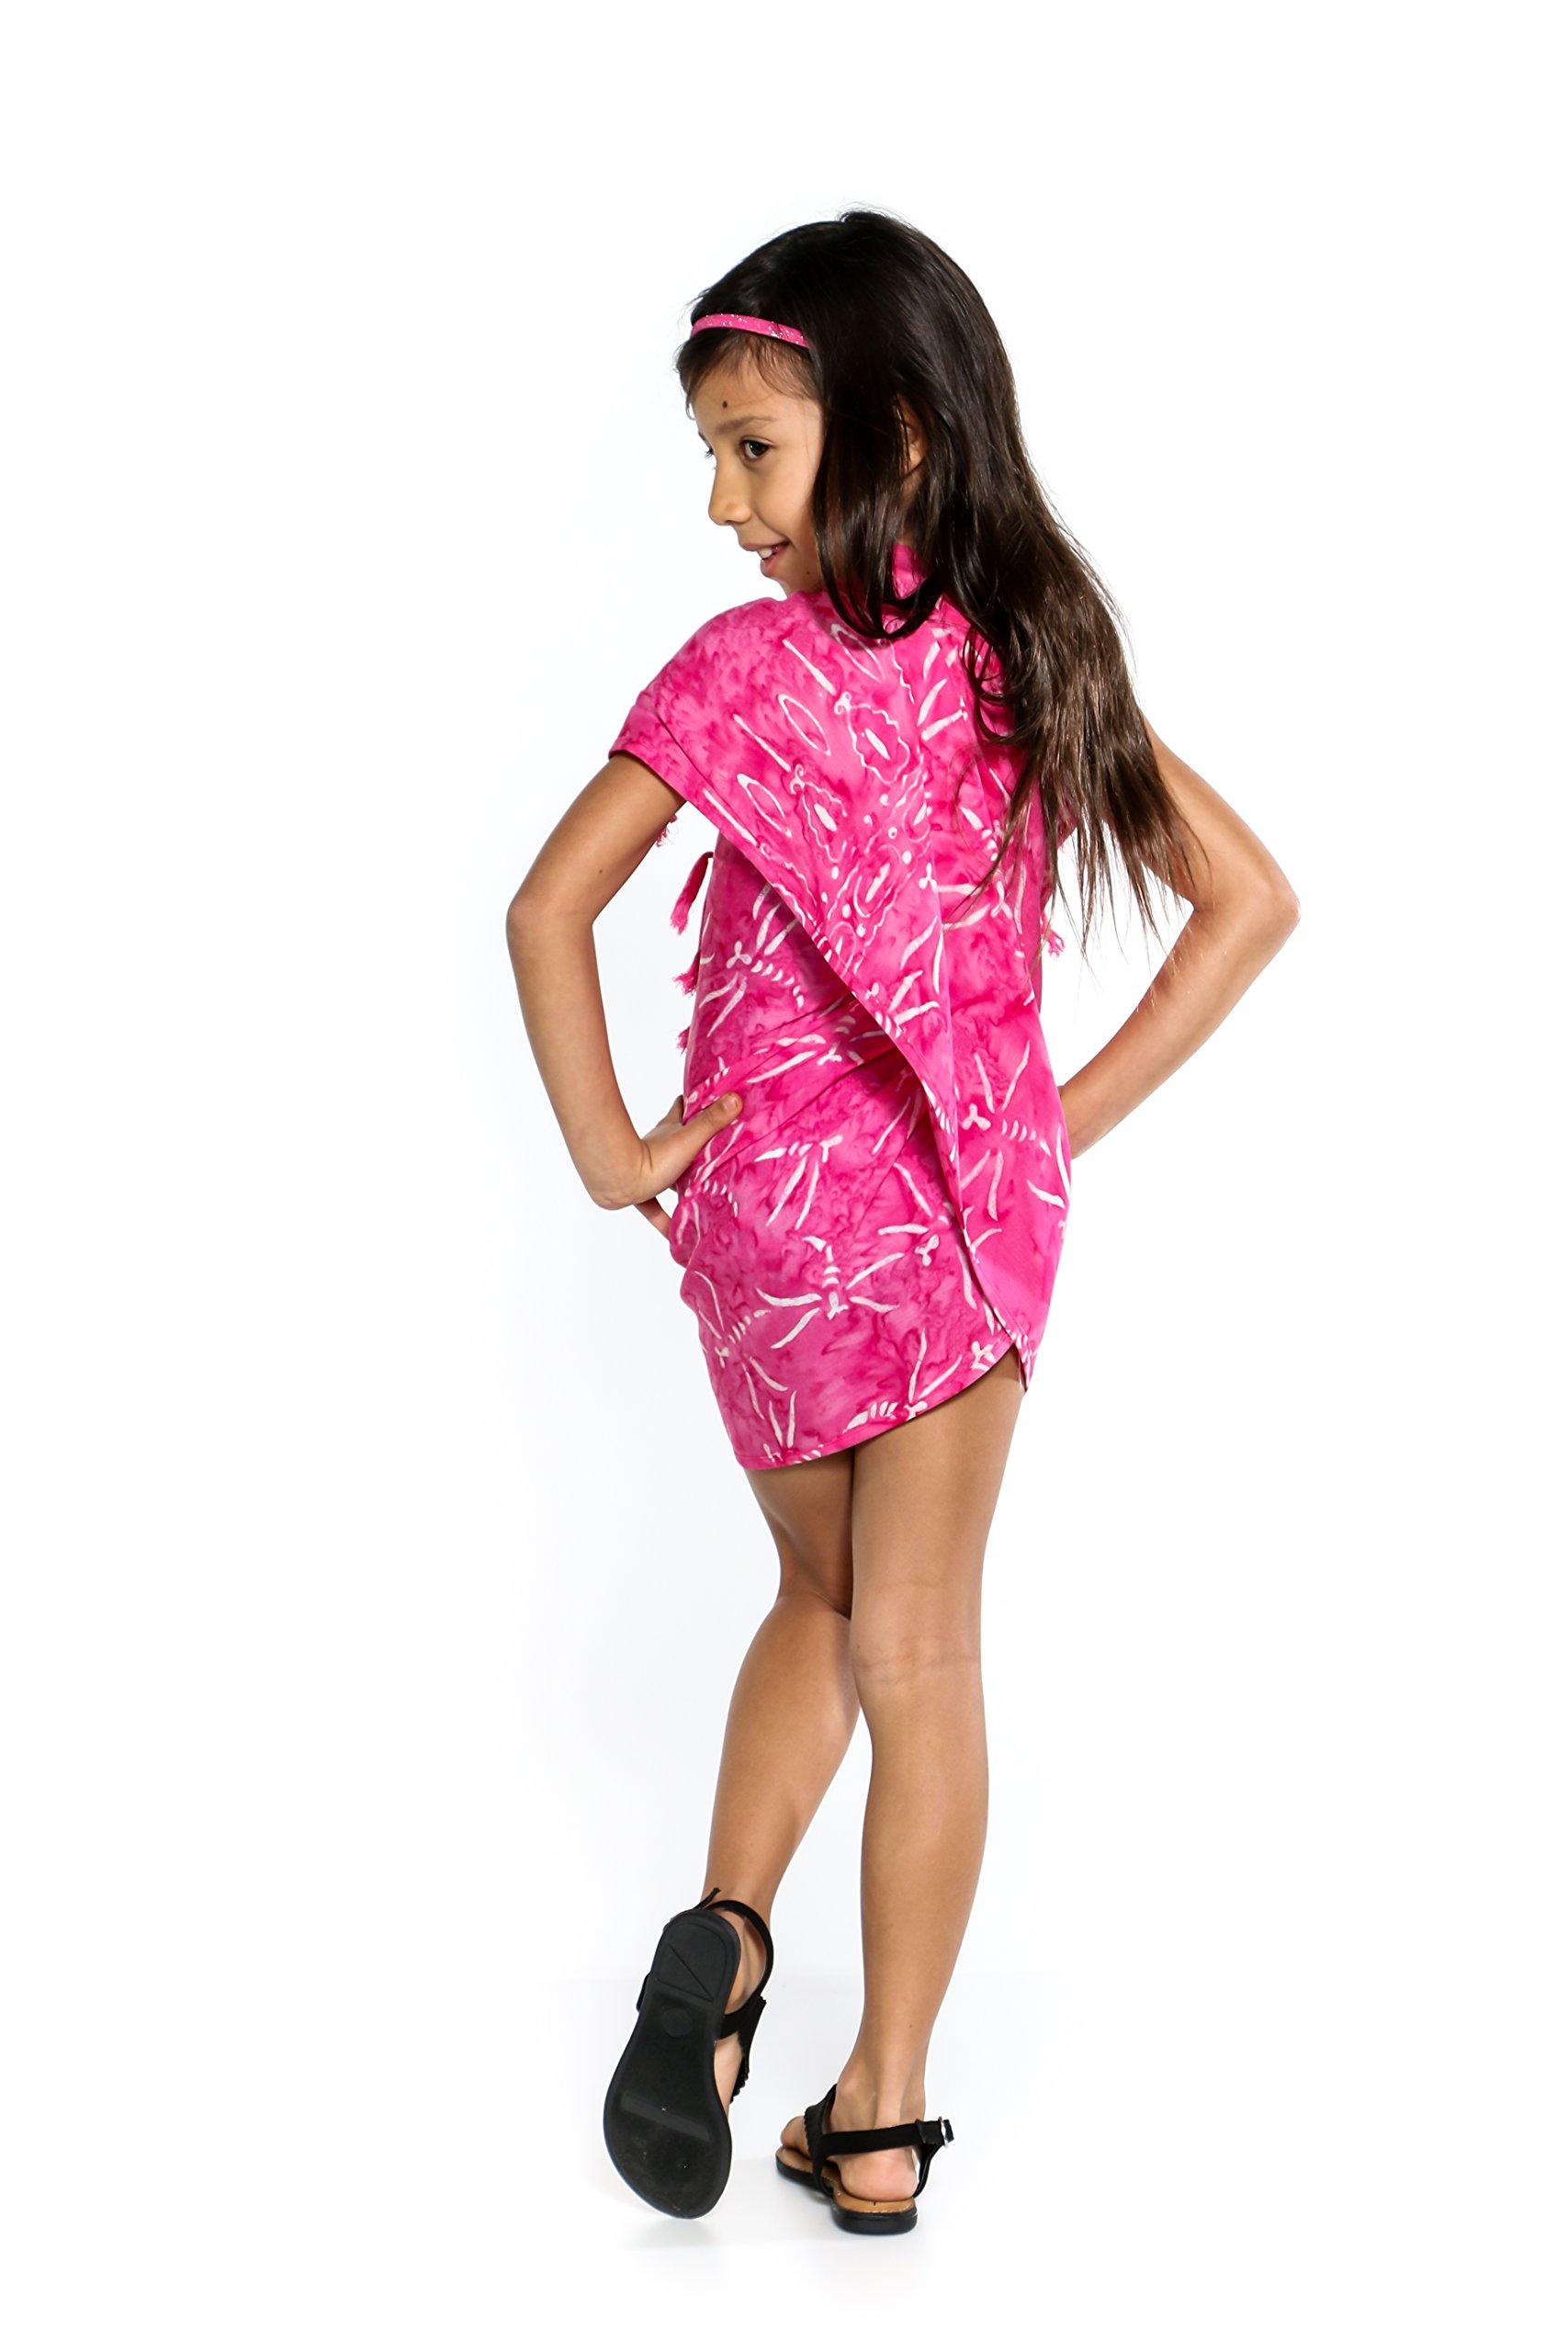 1 World Sarongs Girls Dragonfly Half Sarong in Pink